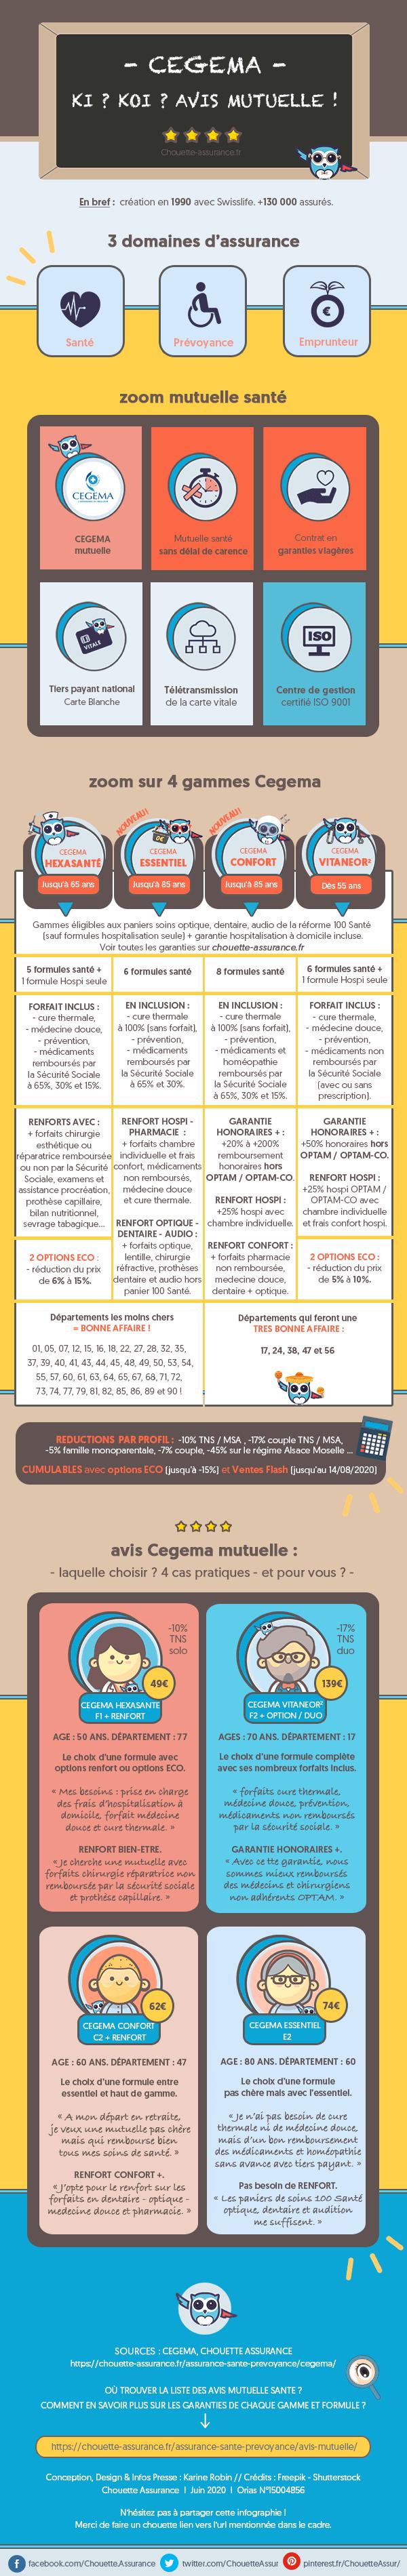 avis mutuelle Cegema : que pensent les chouettes clients de Cegema ? – #AvisMutuelle #Cegema #CegemaAvis #ChouetteAssurance ↵